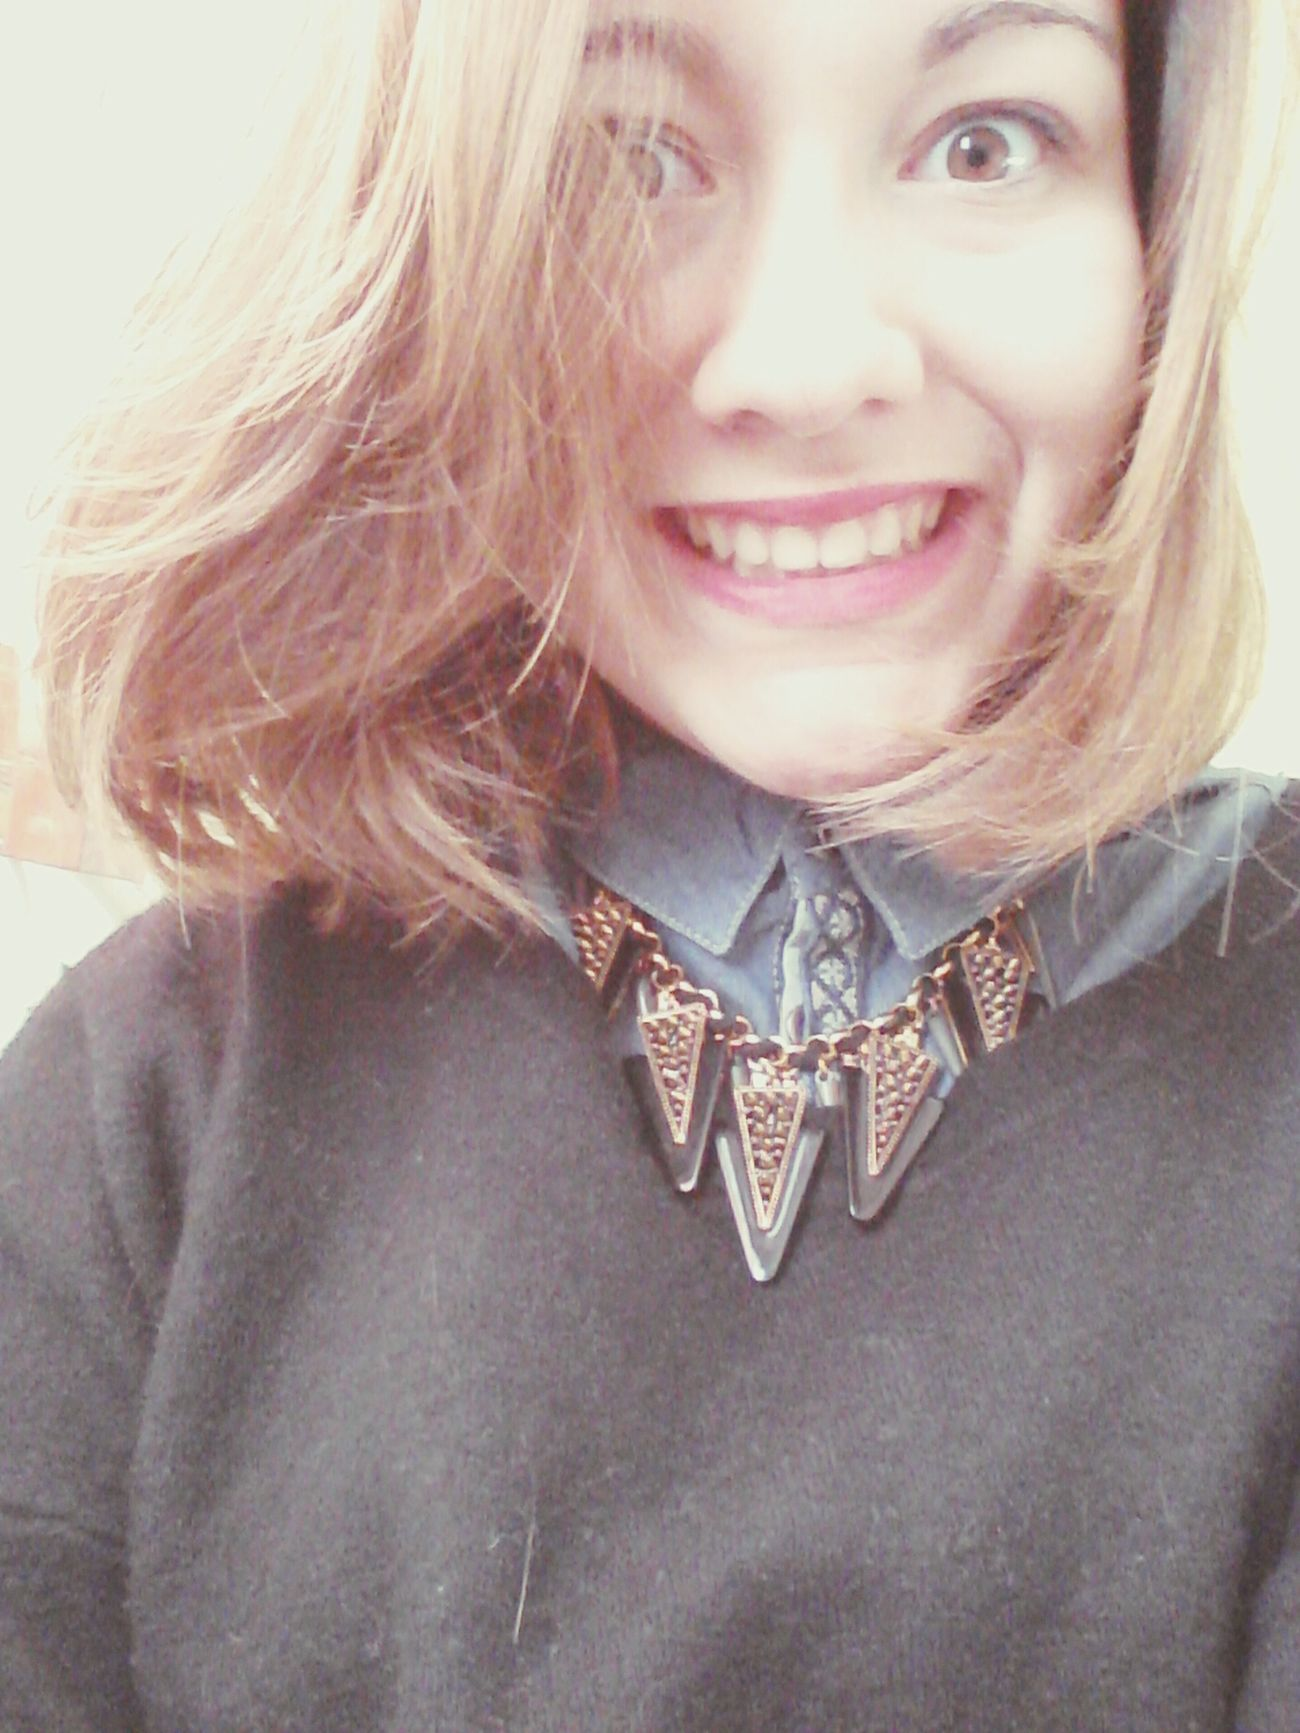 Smile ✌ Happyhappyhappy